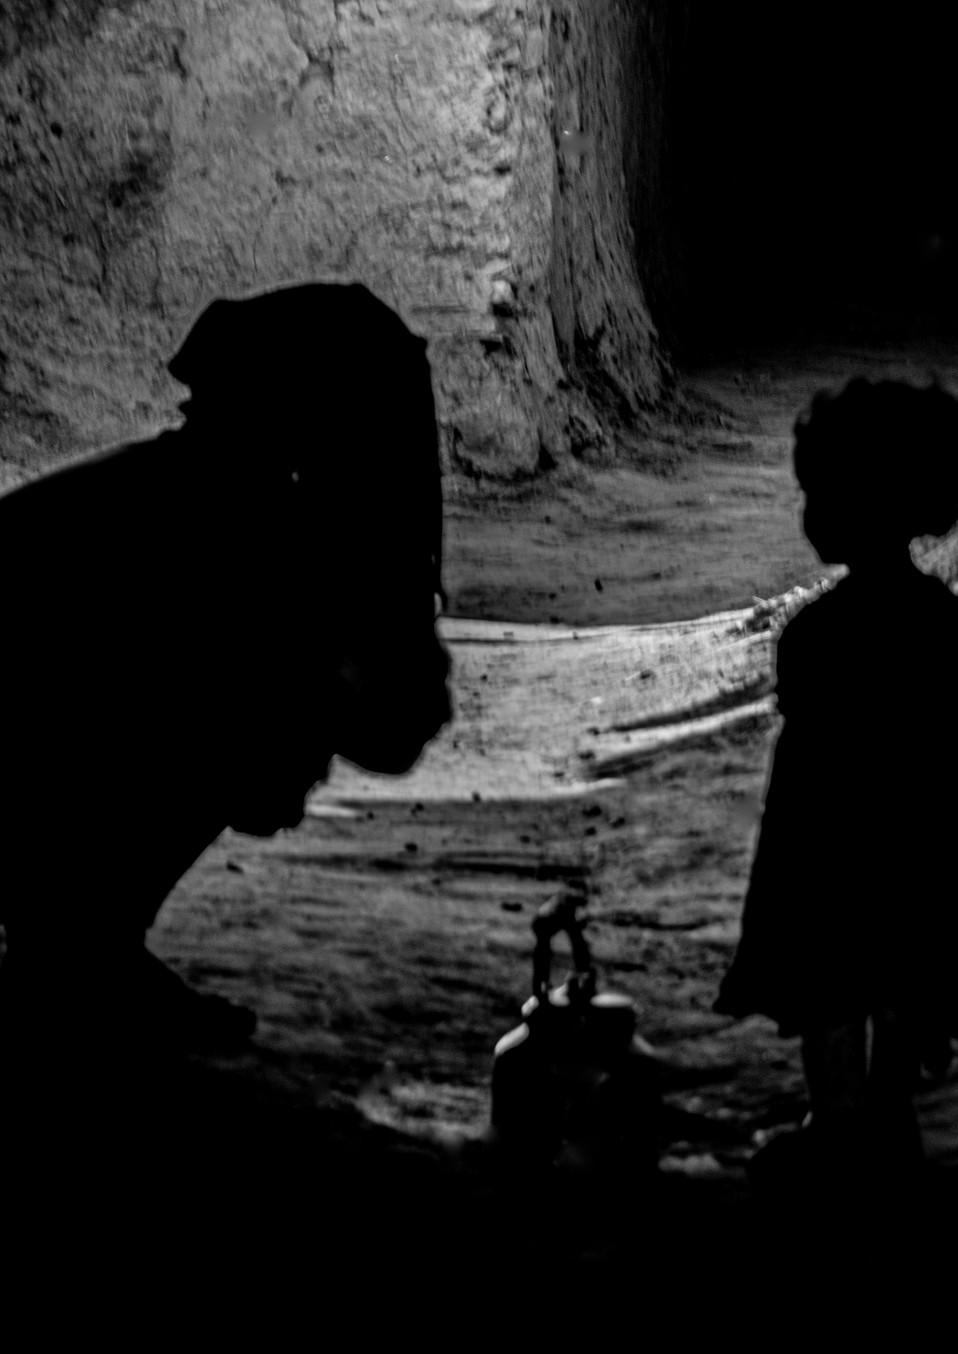 בודדות בעיר הבוץ במרוקו